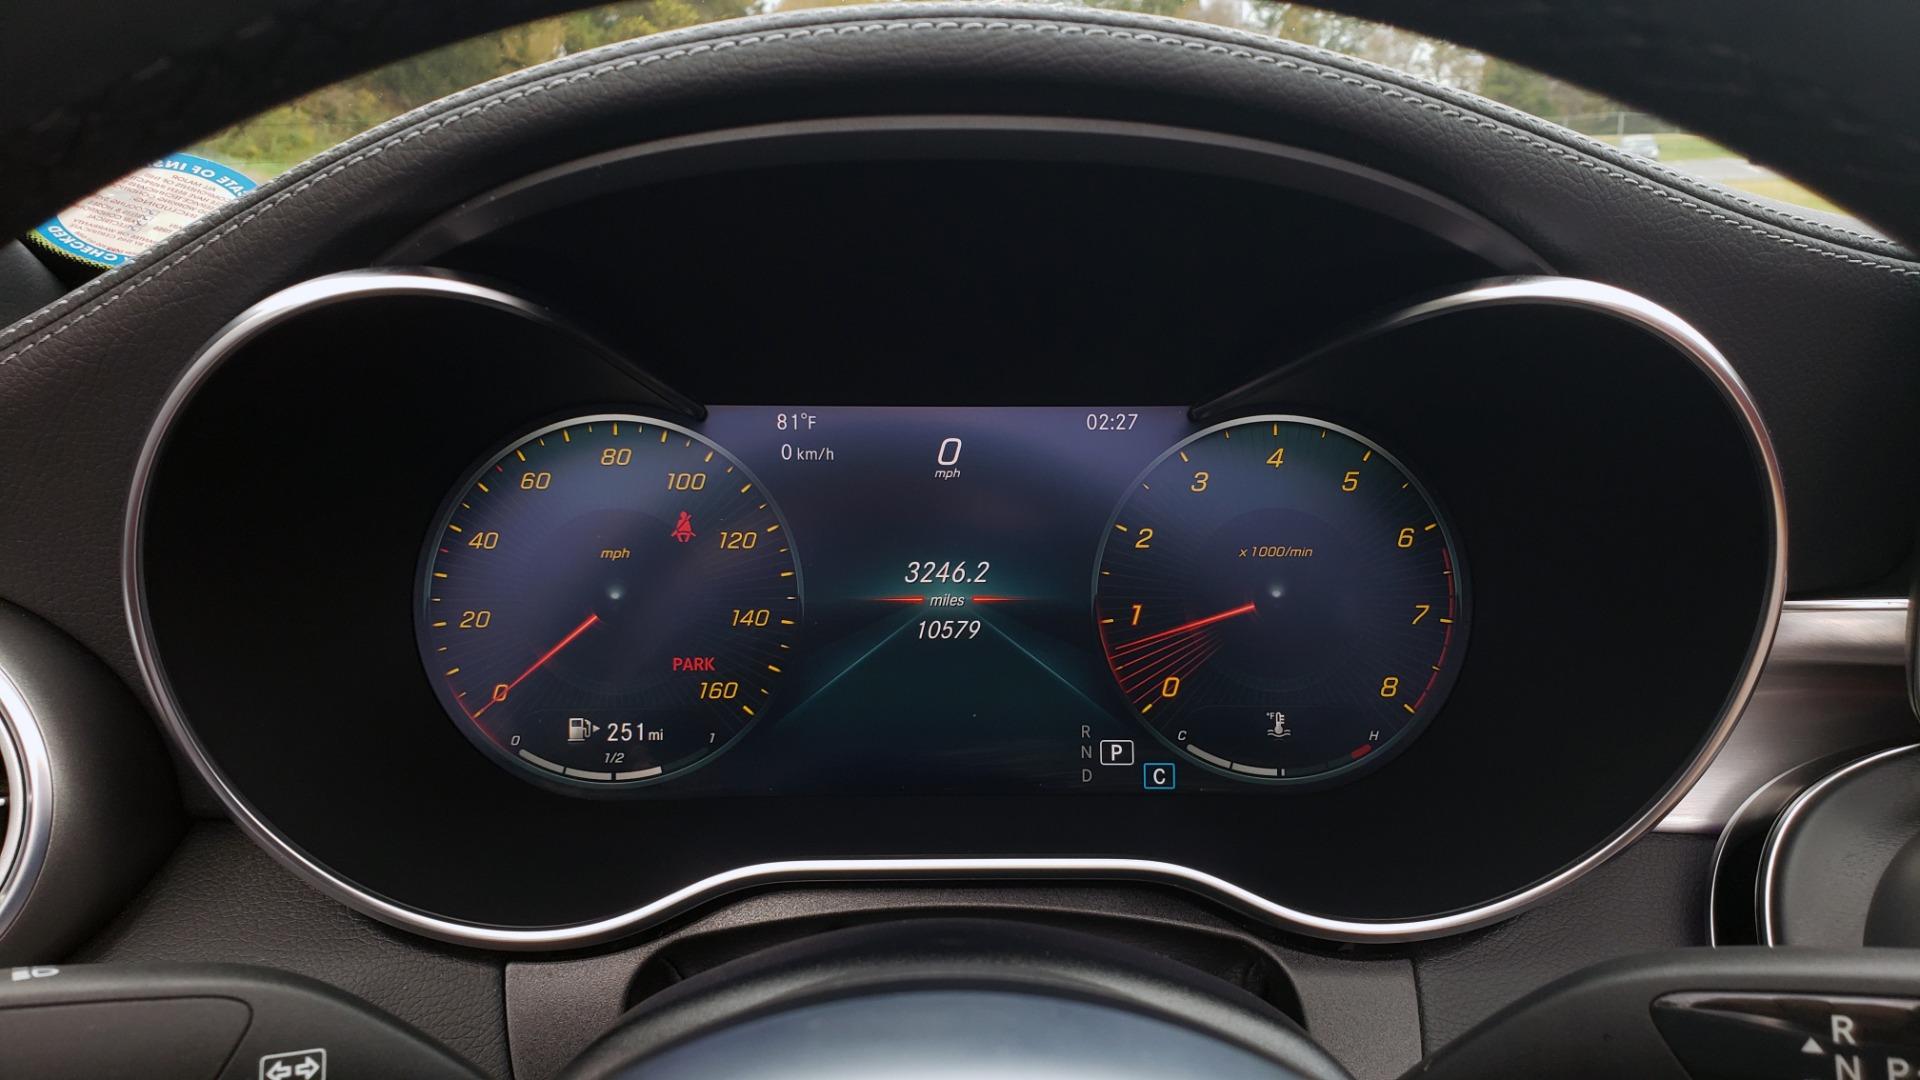 Used 2019 Mercedes-Benz C-CLASS C 300 CABRIOLET / PREM PKG / NAV / BURMESTER / MULTIMEDIA for sale Sold at Formula Imports in Charlotte NC 28227 38